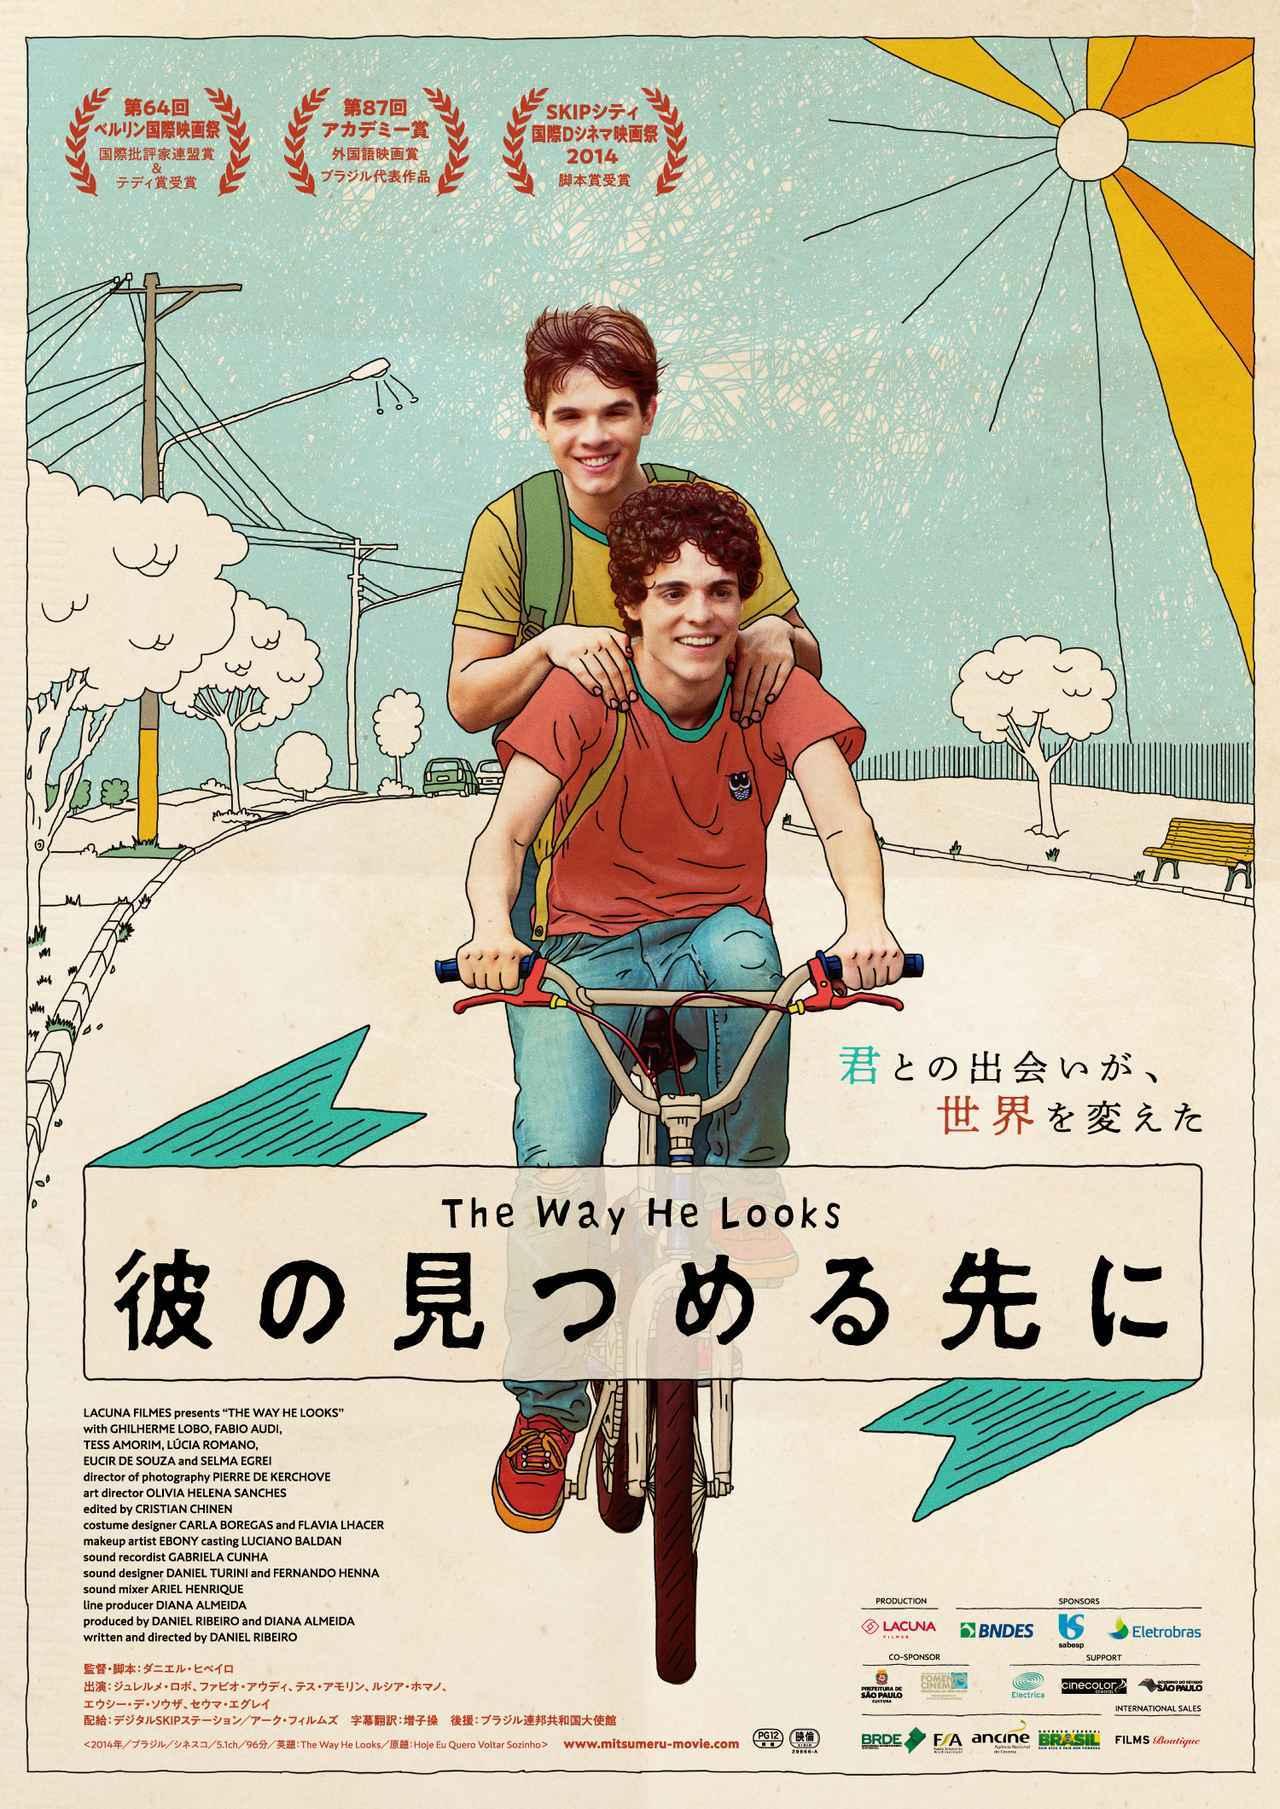 画像: 君との出会いが、世界を変えた―― 世界中で話題をさらった、ブラジル発・少年少女の オシャレで可愛らしい胸キュン青春映画が満を持して日本公開!